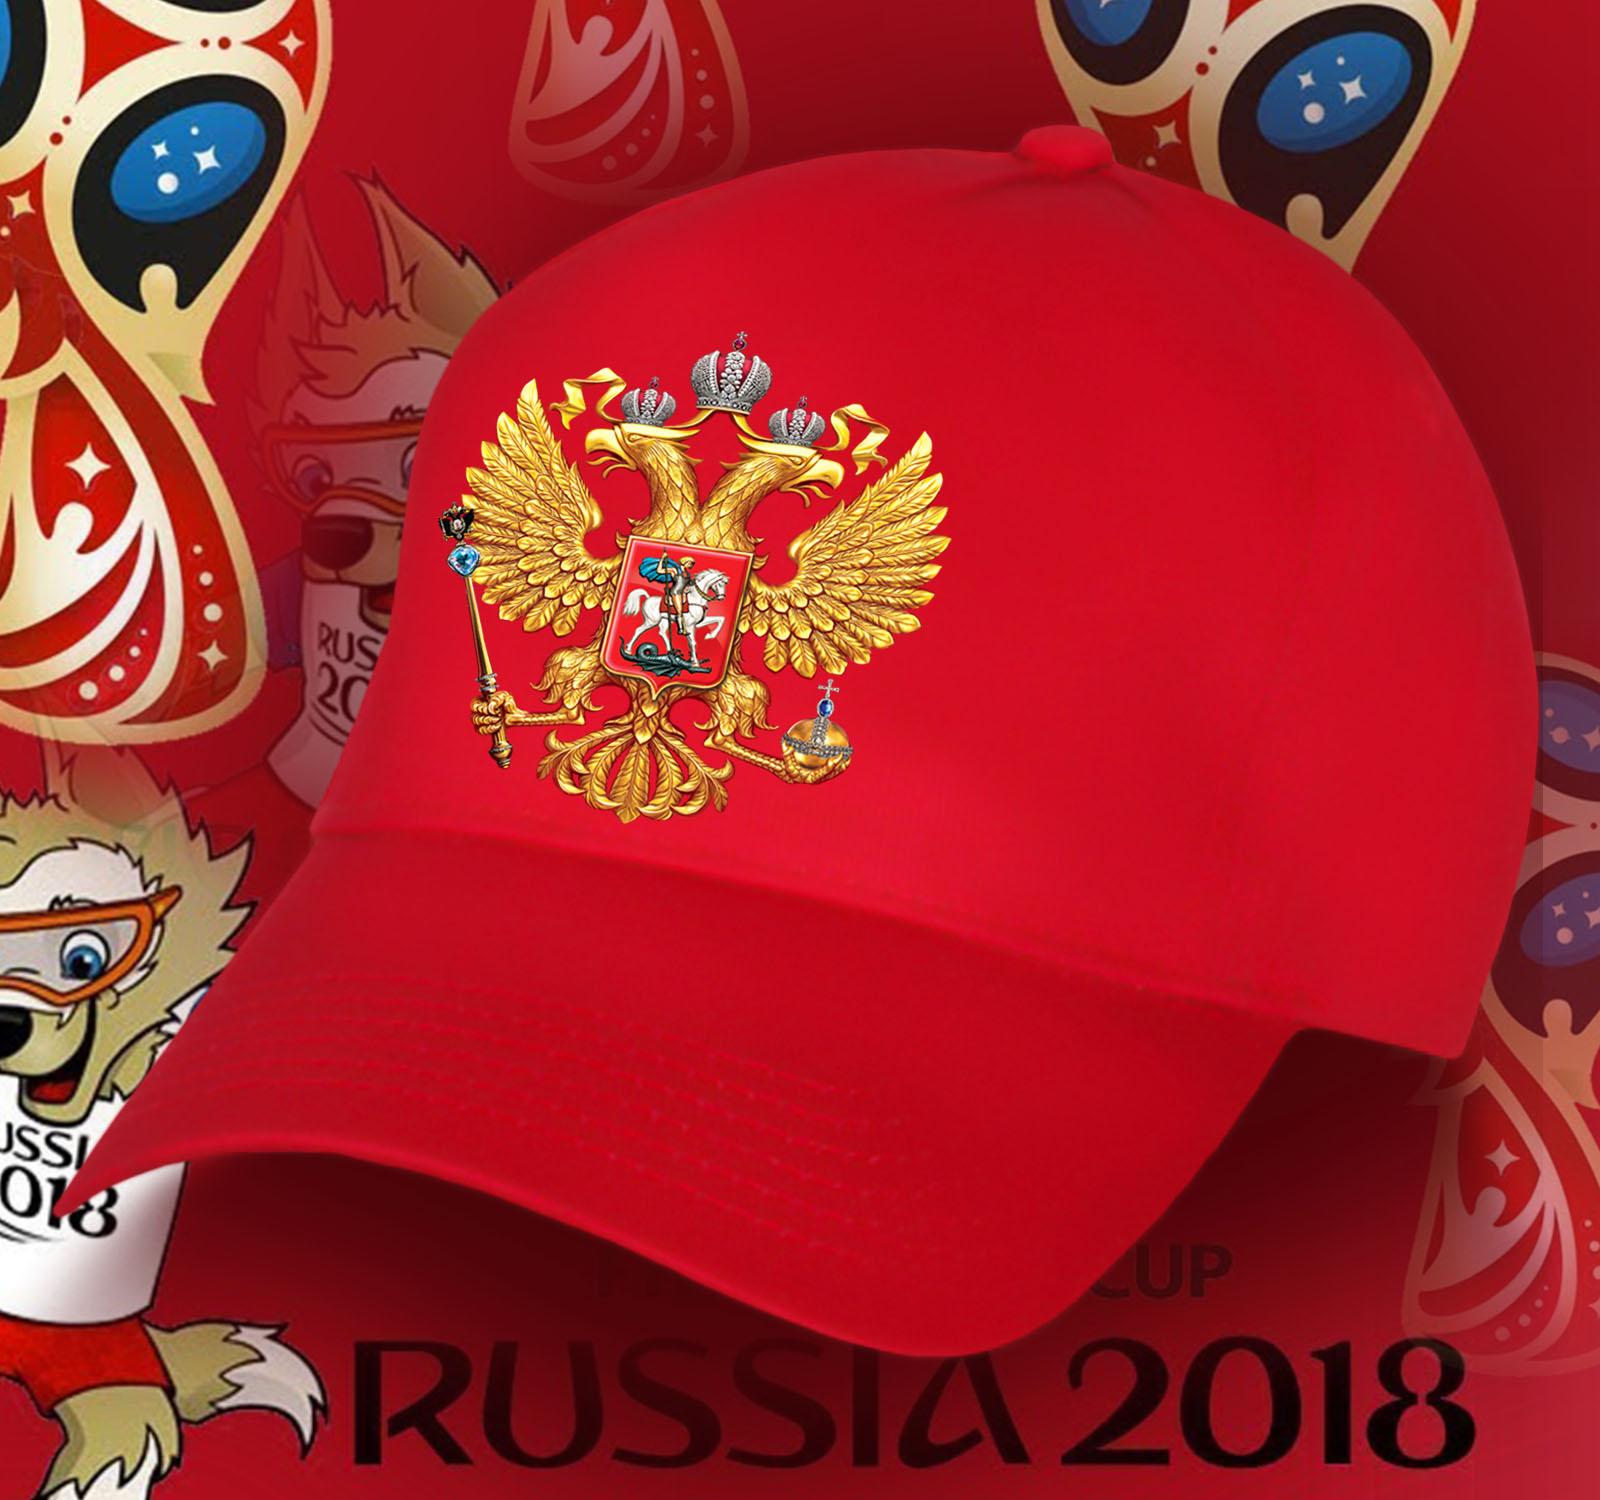 Ярко-красная бейсболка с Золотым Двуглавым Орлом